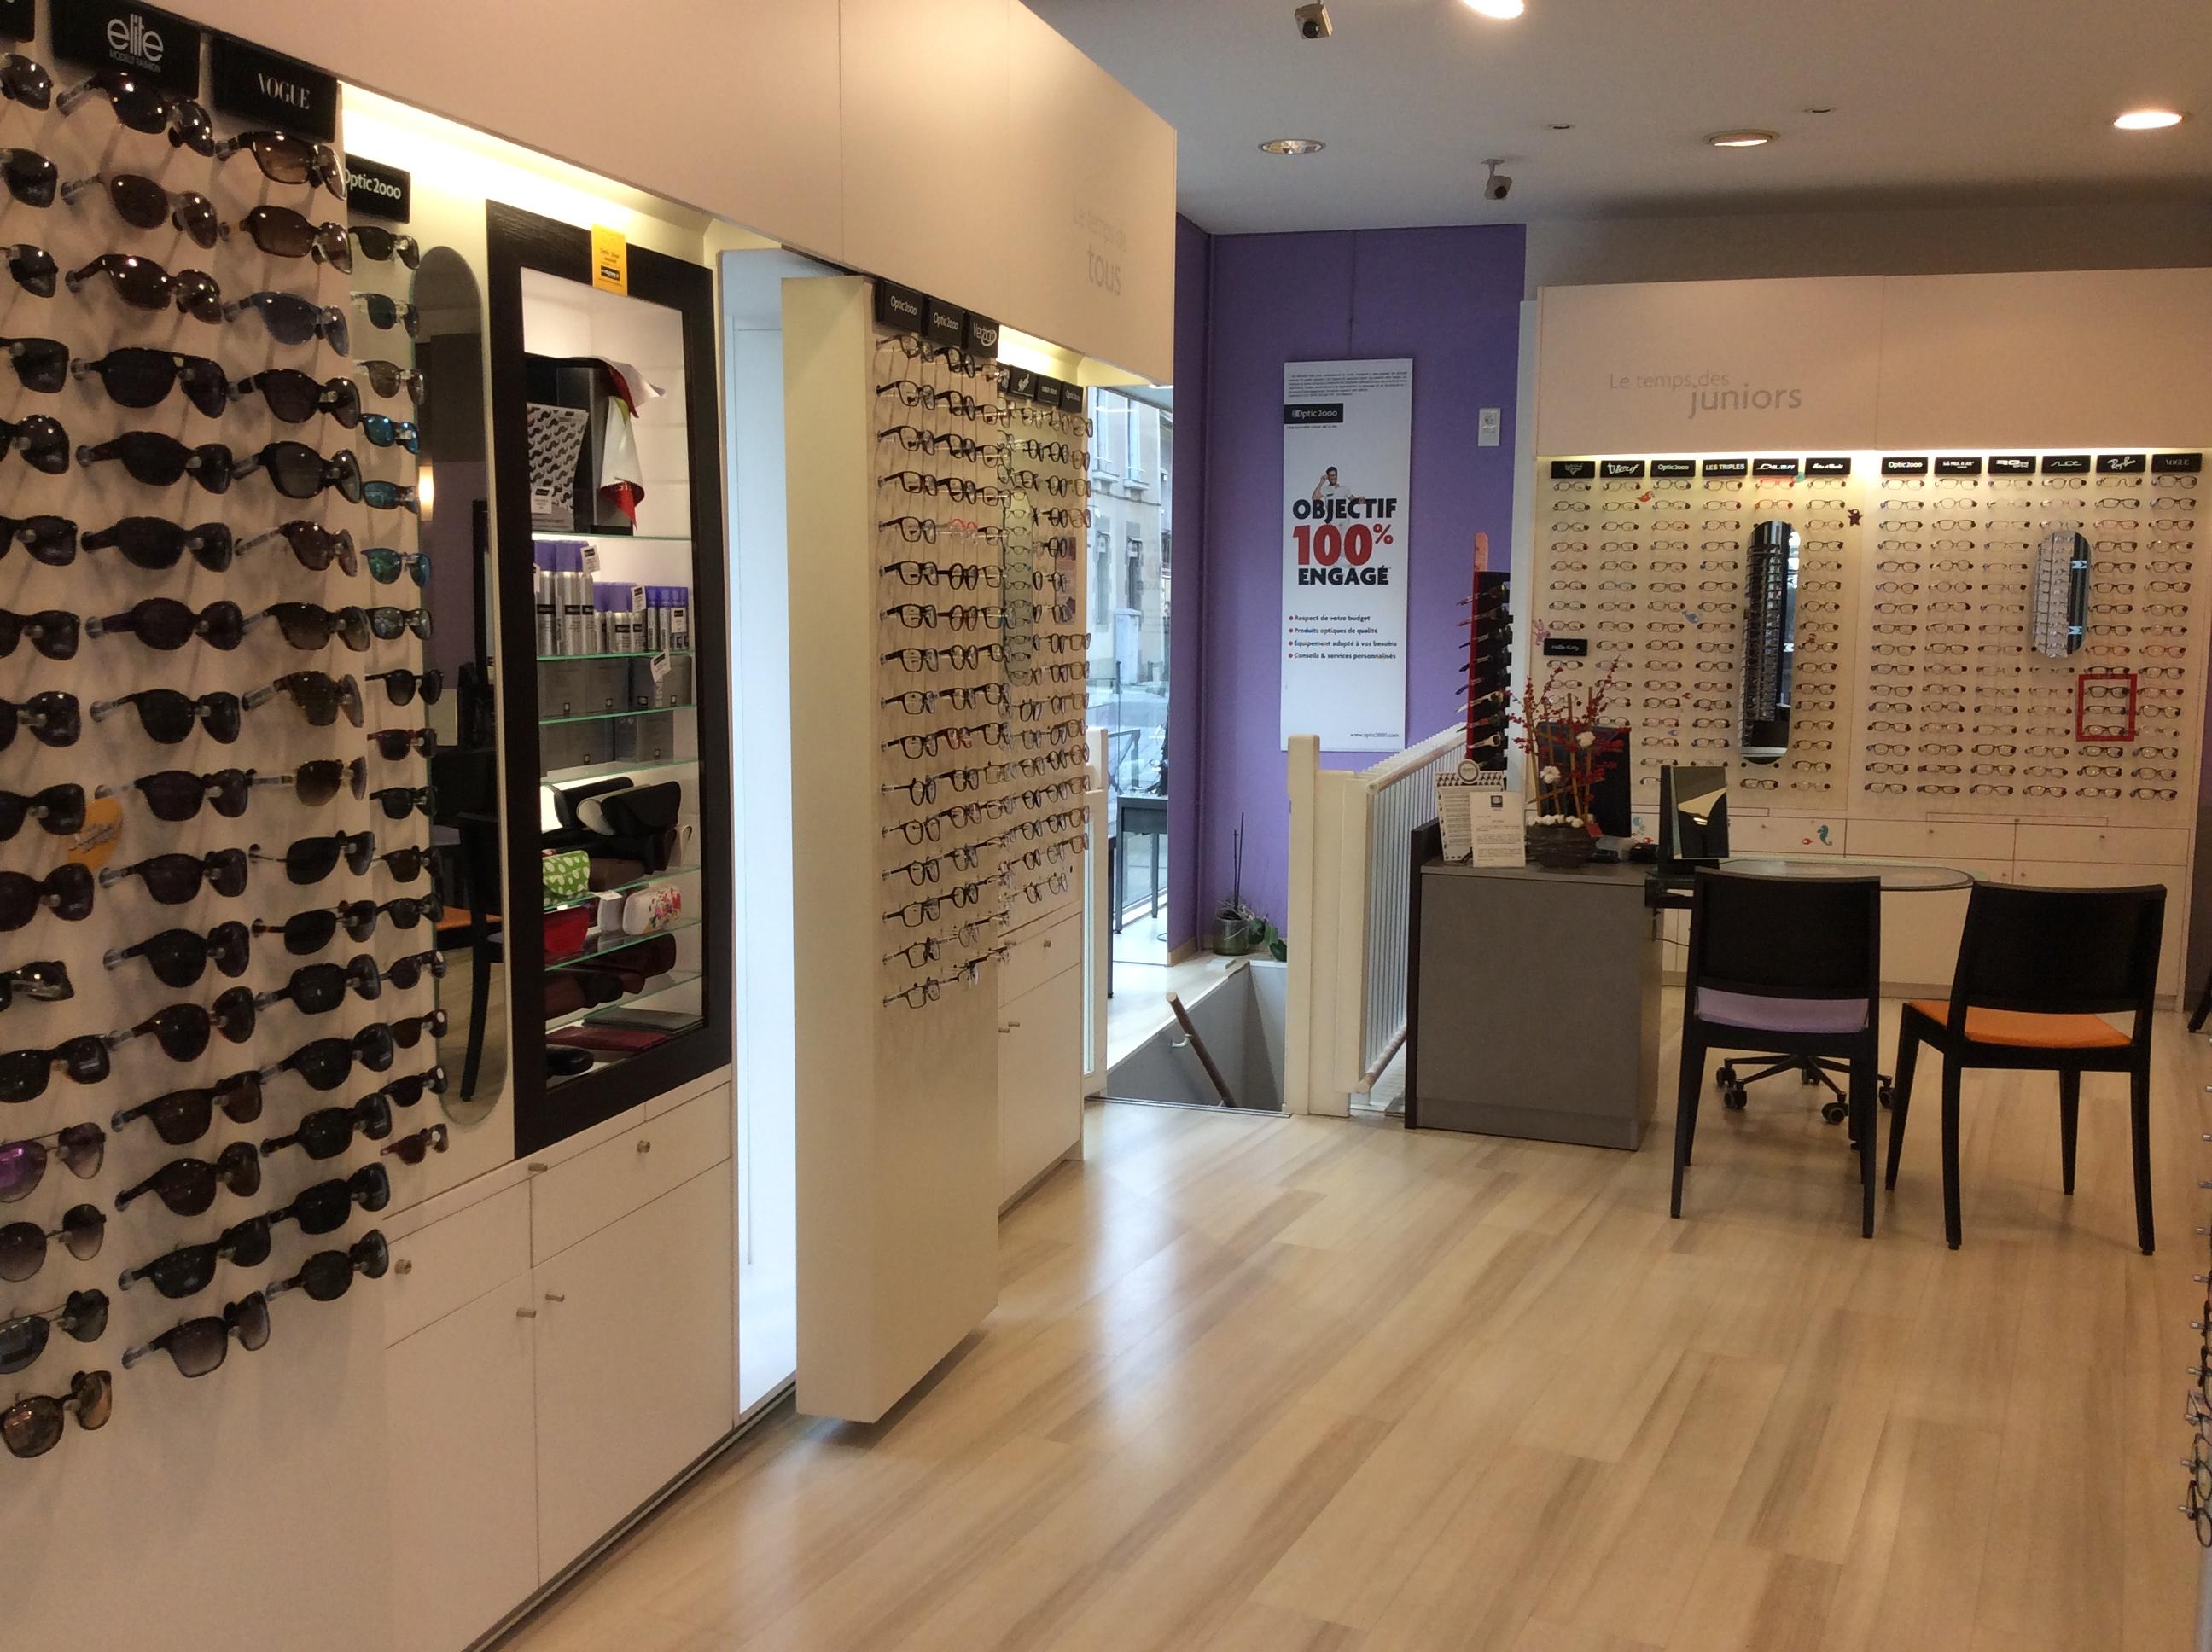 db044f07c68756 Opticien Optic 2000 LAVAL 53000 - lunettes femme, lunettes homme - Optic  2000